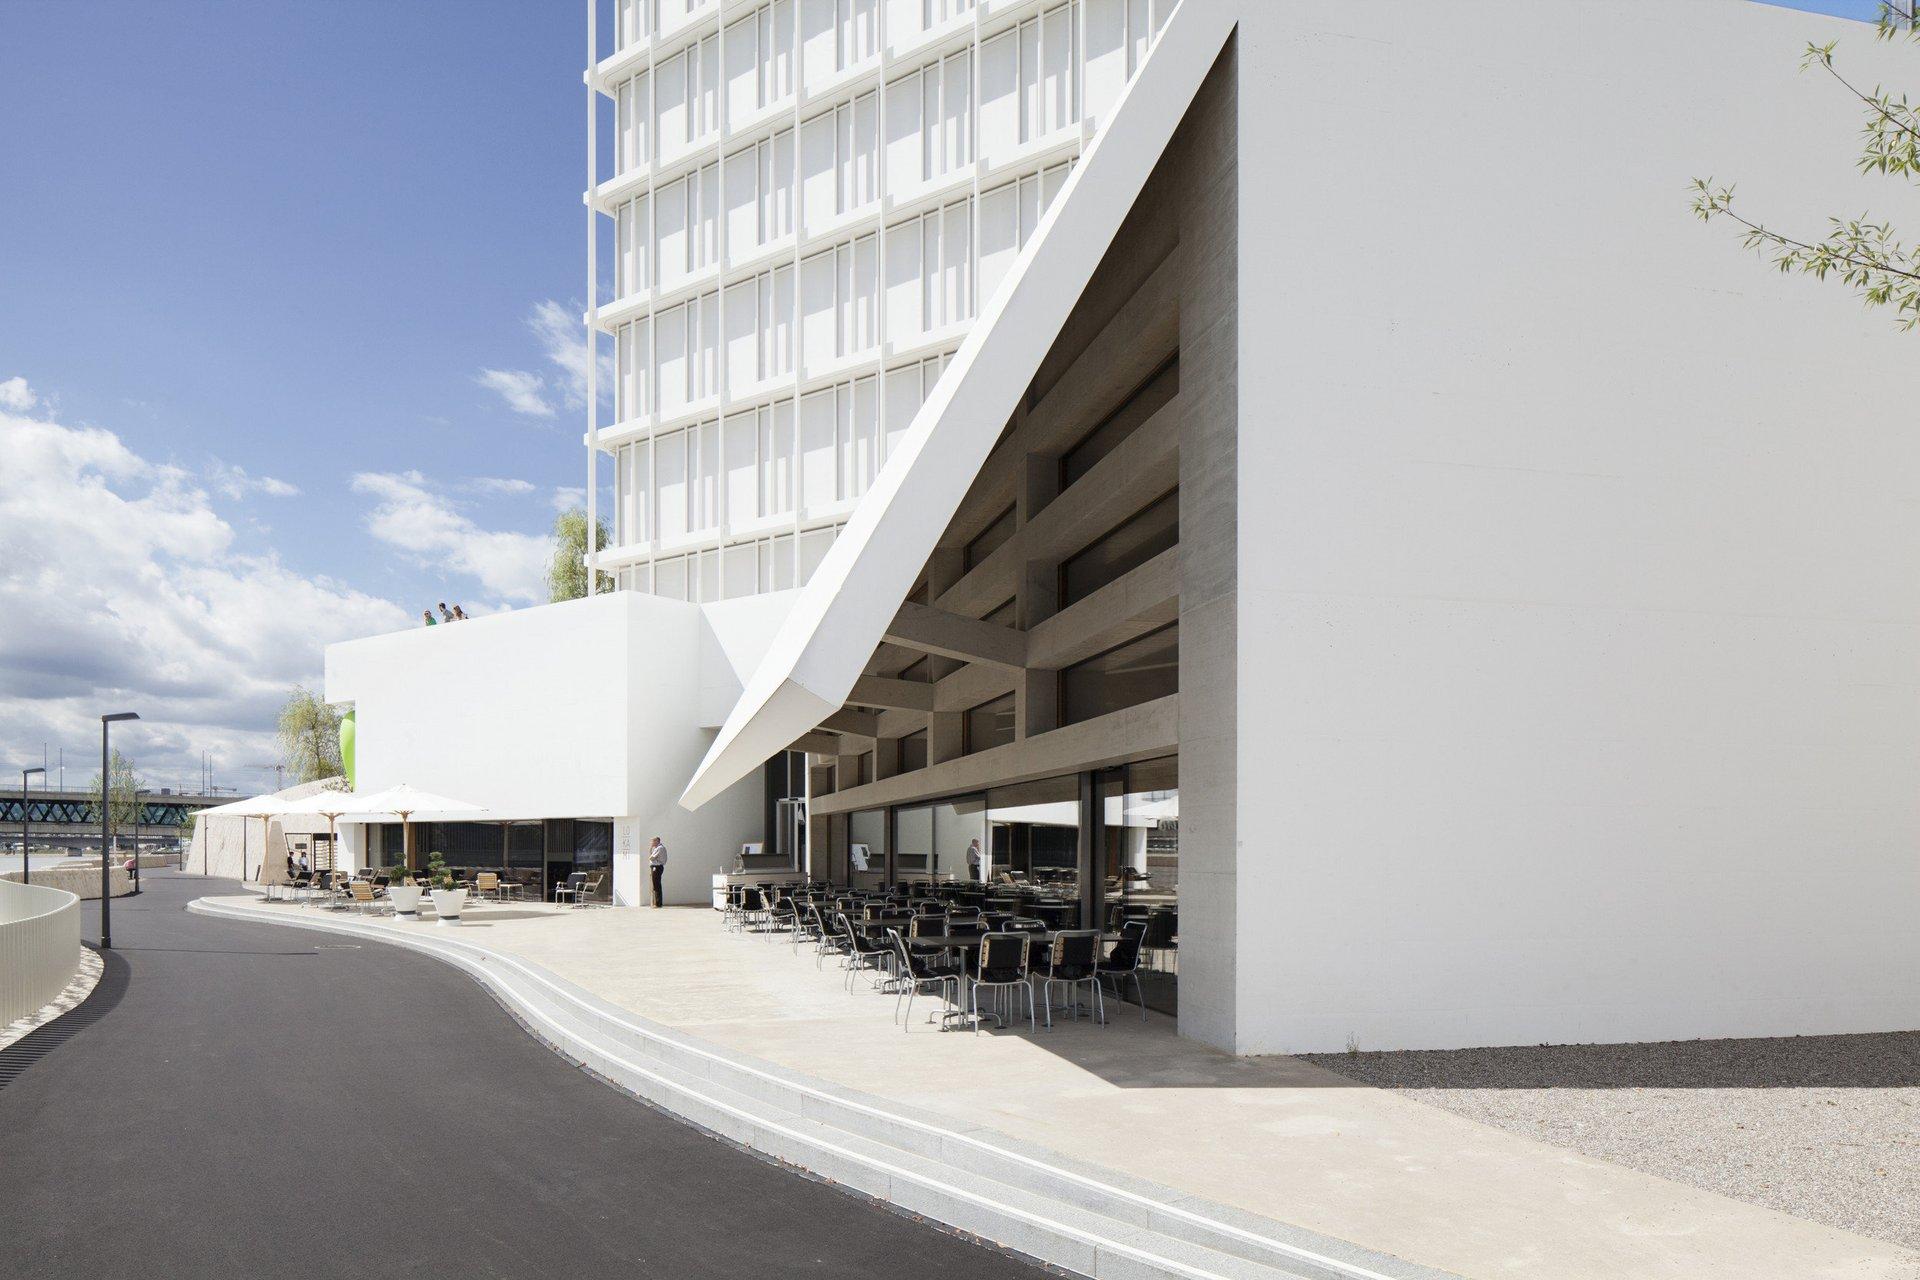 komplettes Gebäude Campus Cafe von aussen bestuhlt mit grosszügig weisser Fassade